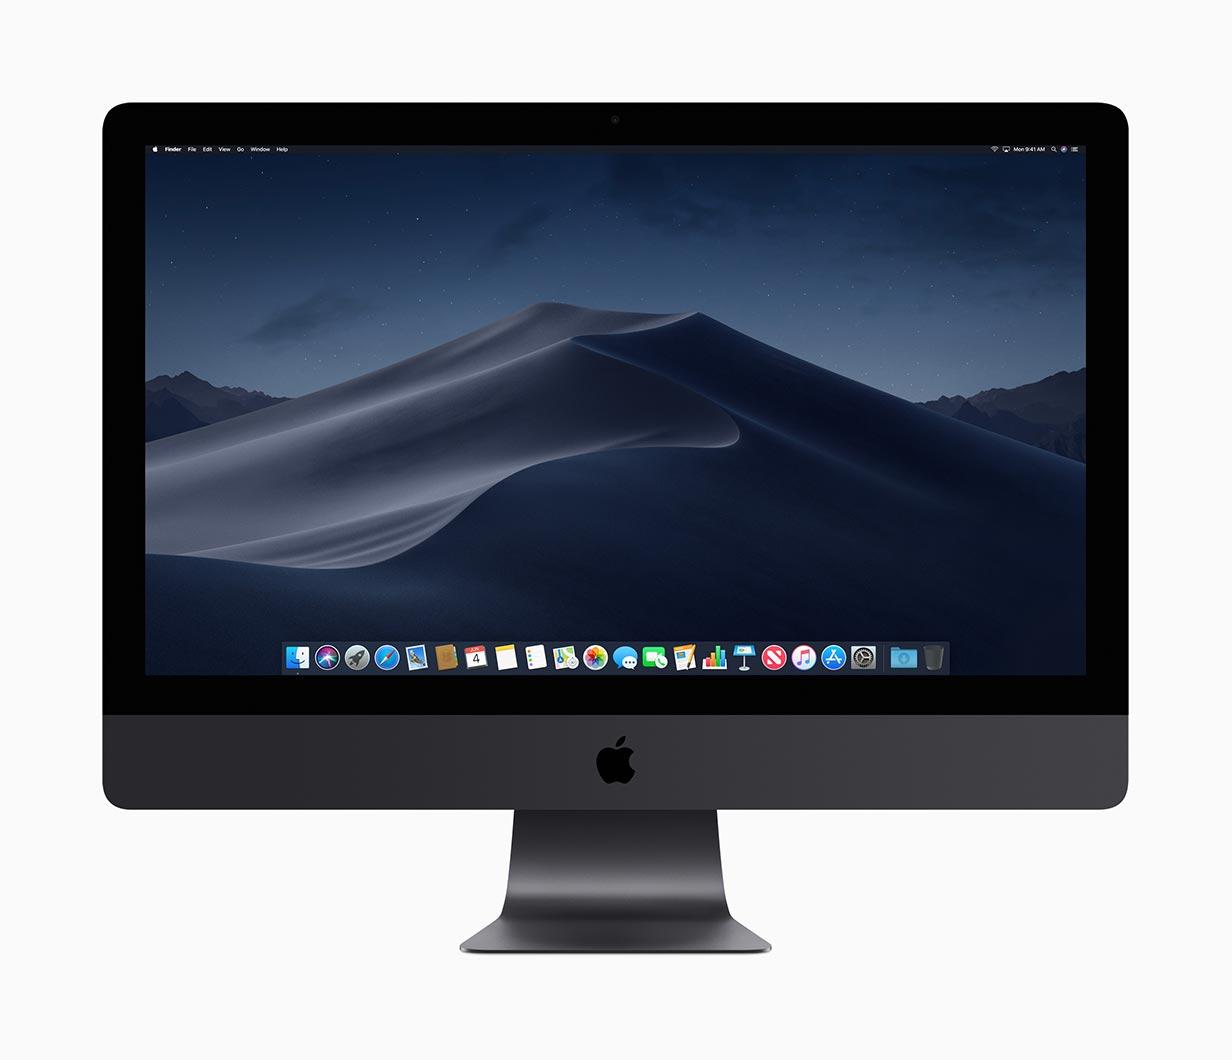 Apple、いくつかの問題を修正したMac向けに「macOS Mojave 10.14.6」リリース